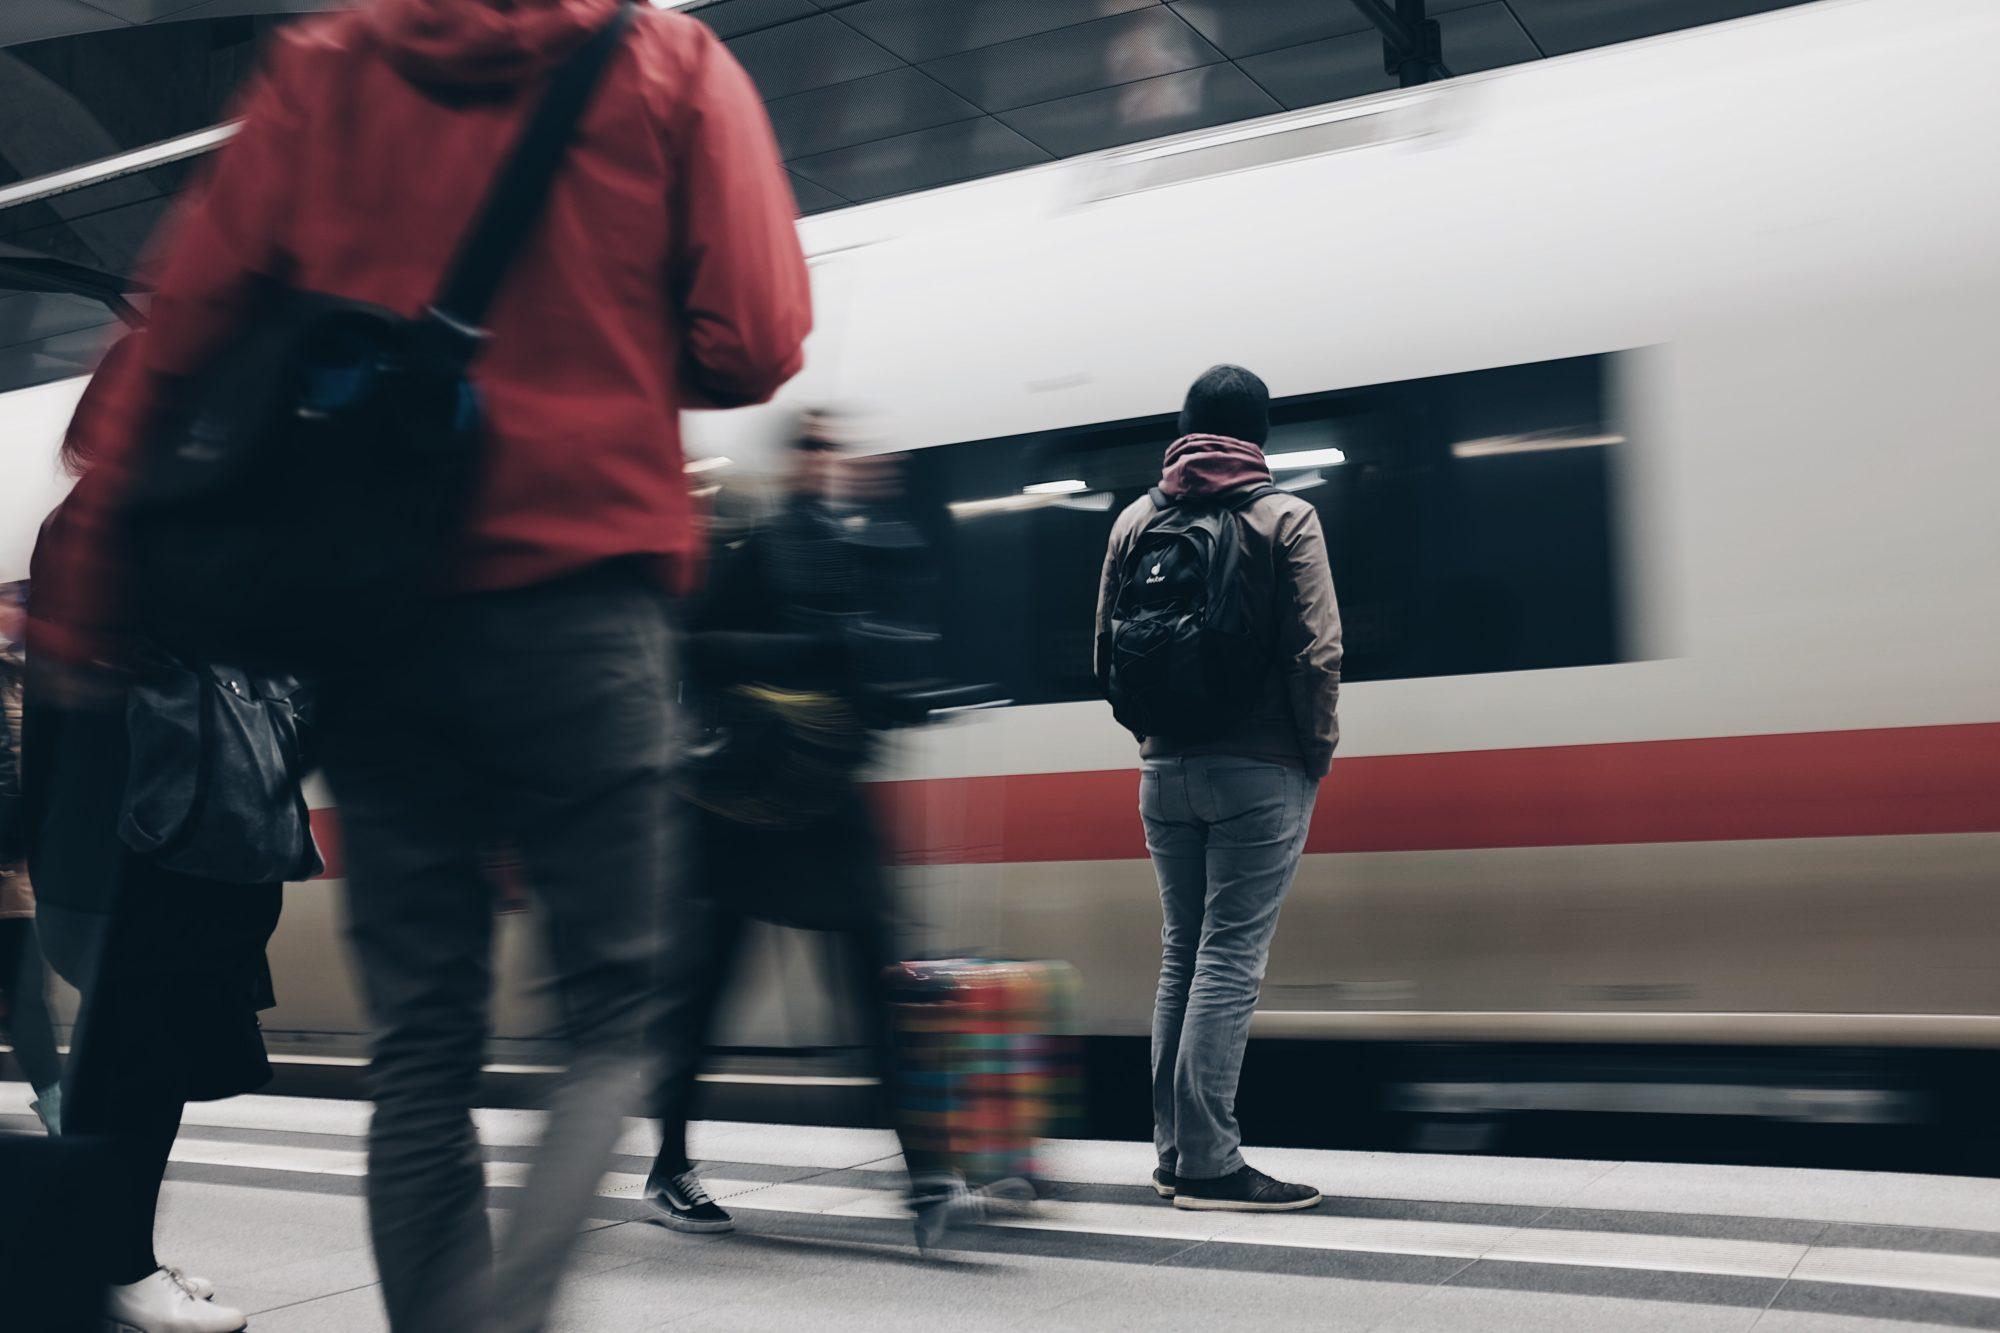 Menschen in Bewegung auf einem Bahnsteig mit einem einfahrenden Zug